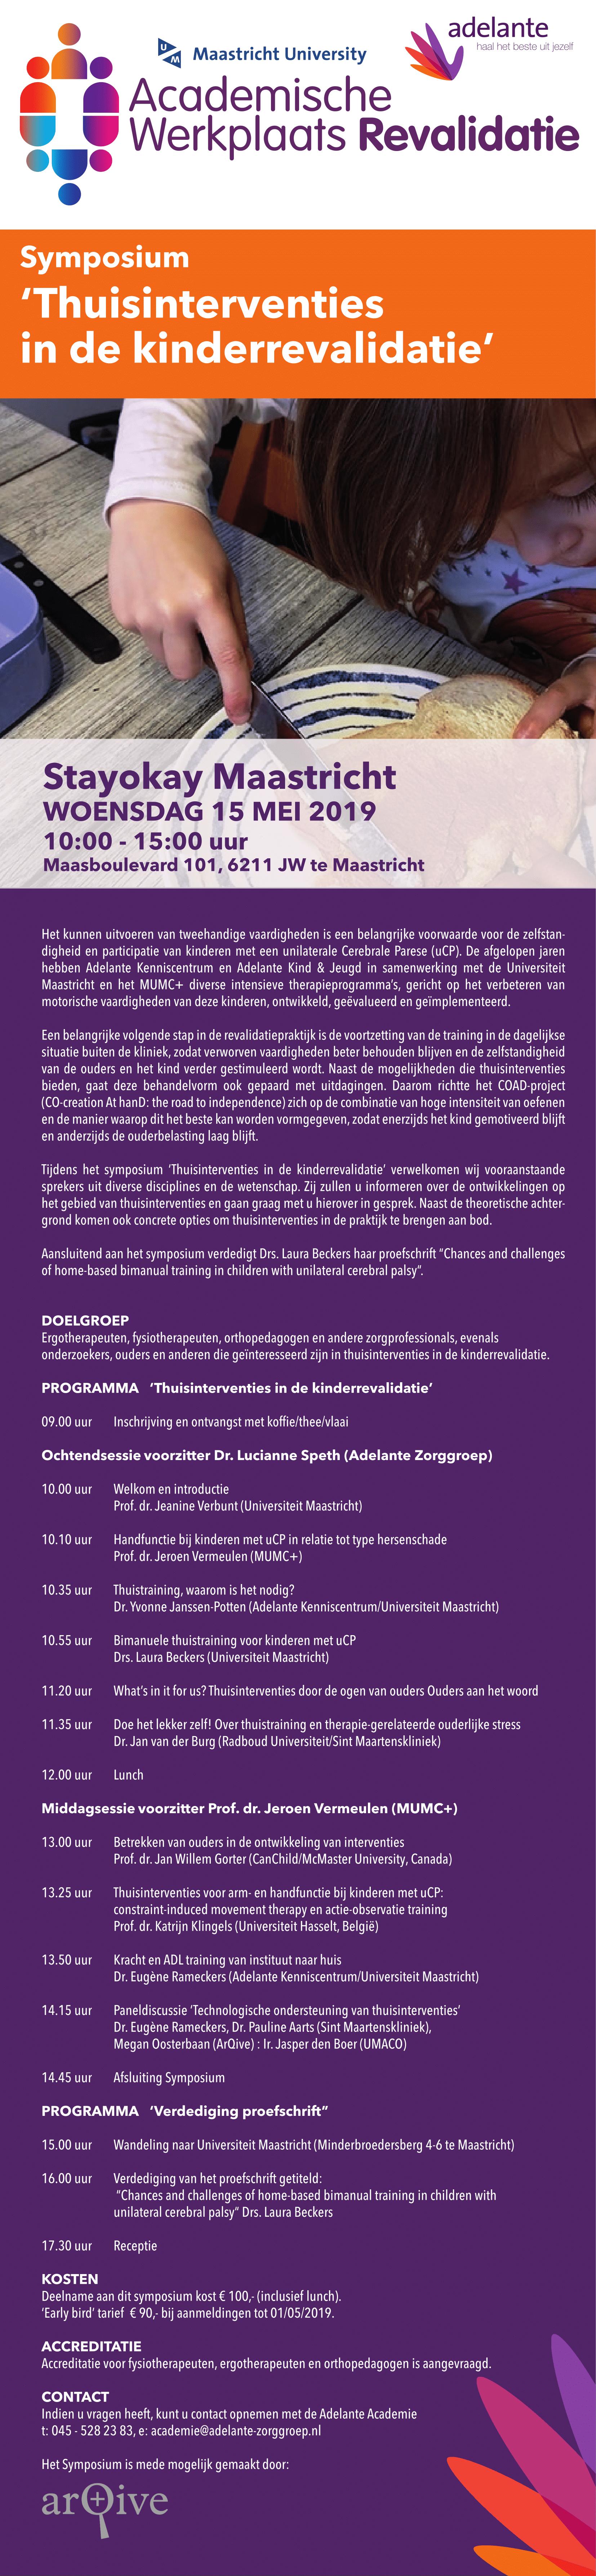 Informatie Symposium 'Thuisinterventies in de Kinderrevalidatie'